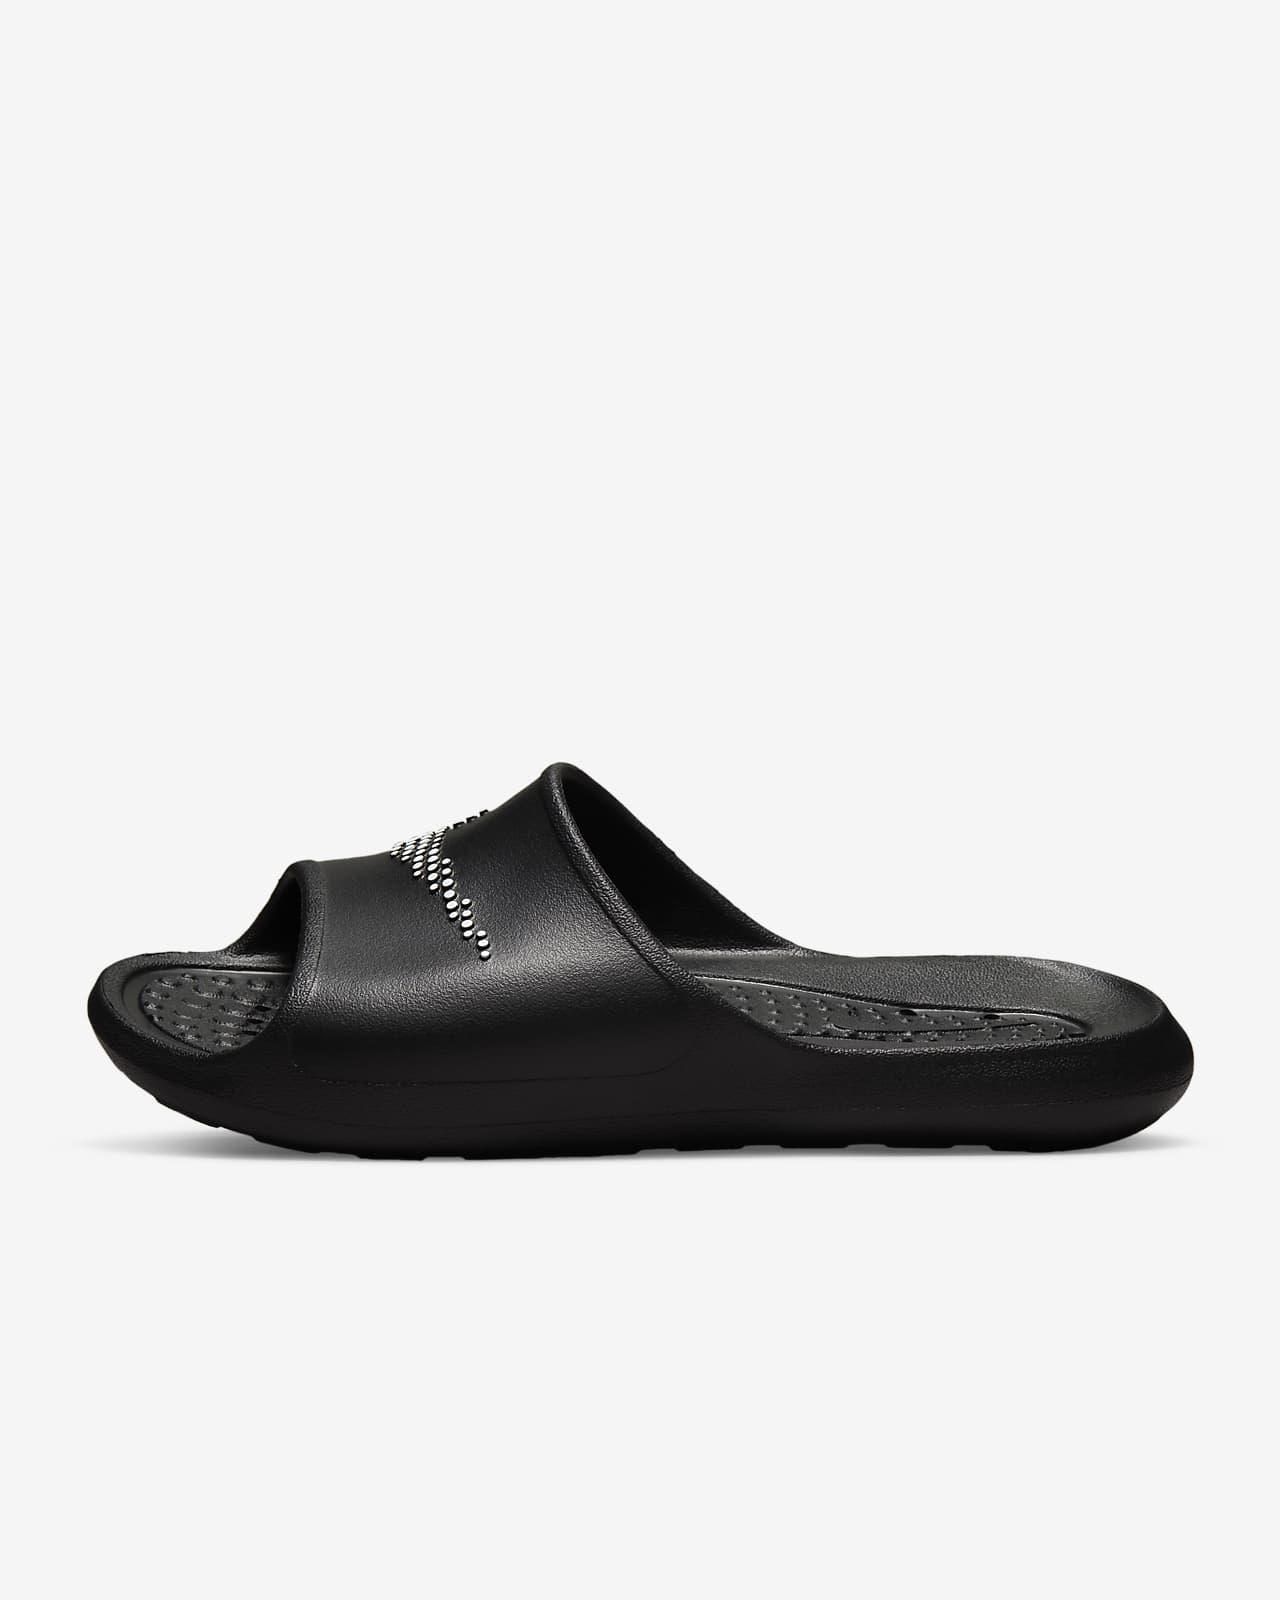 Nike Victori One Shower 男款拖鞋